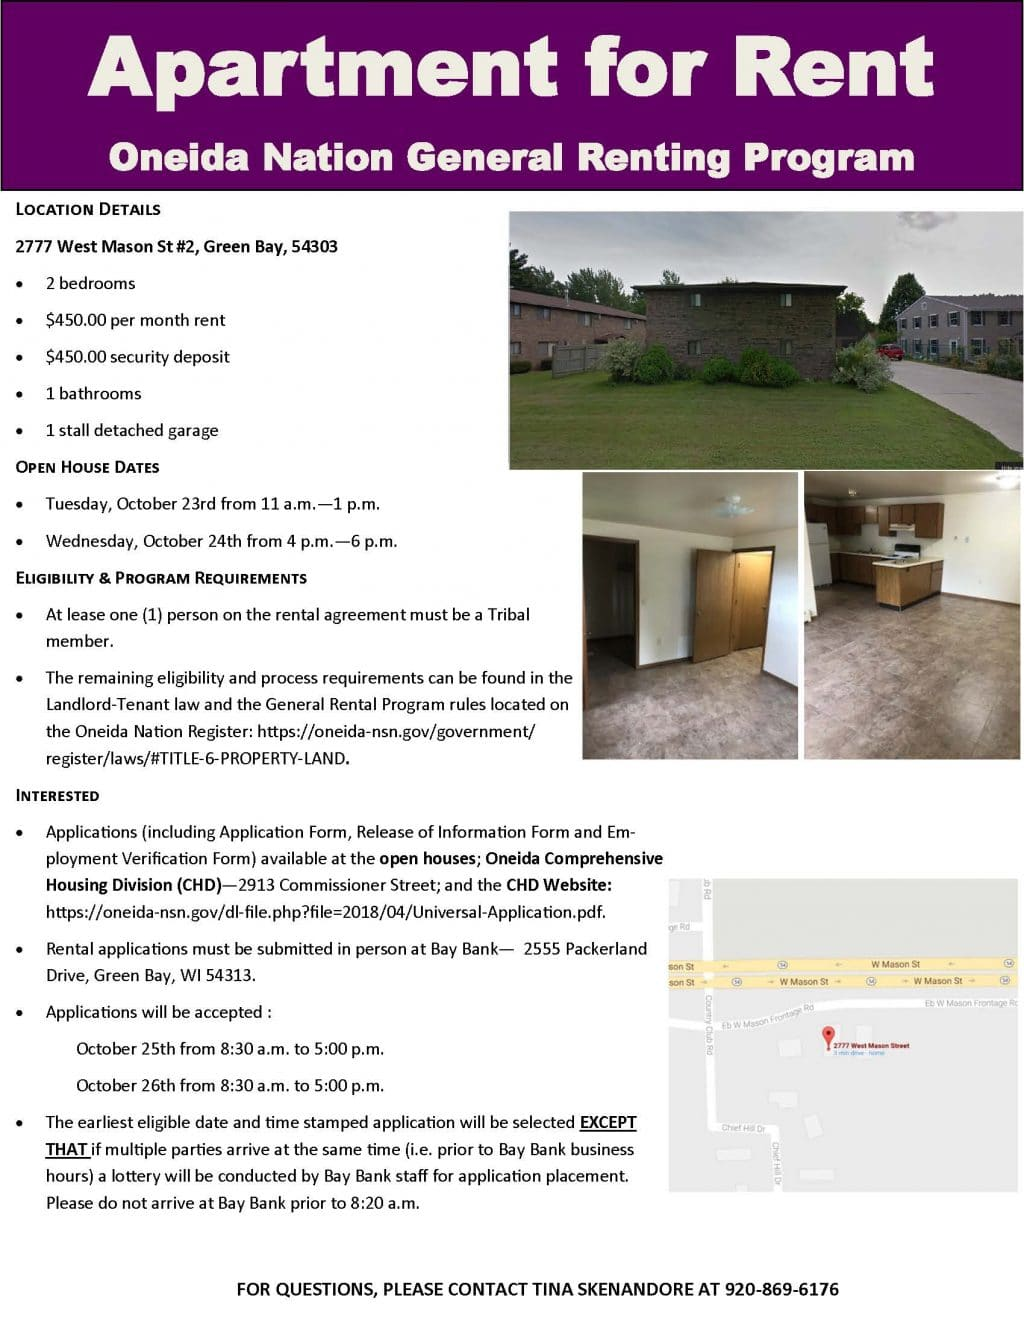 Oneida Nation Rental Opportunities